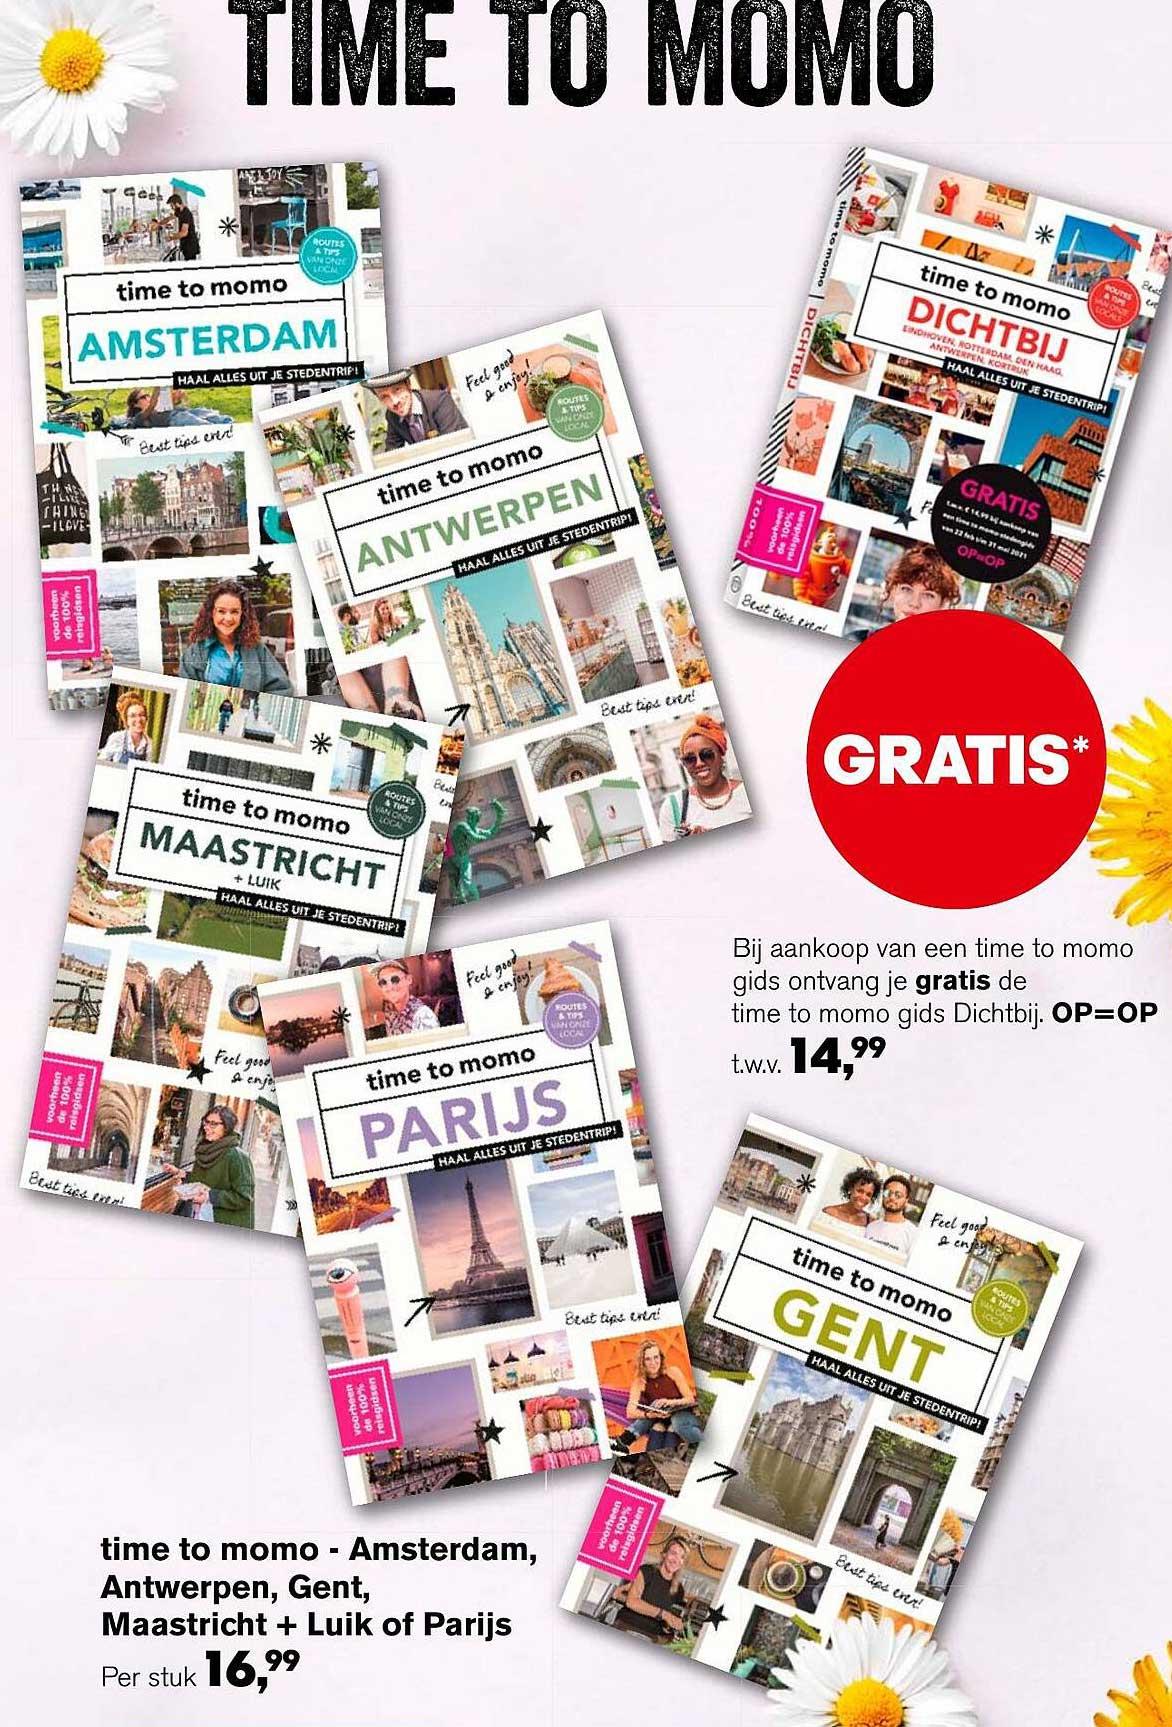 AKO Time To Momo - Amsterdam, Antwerpen, Gent, Maastricht + Luik Of Parijs